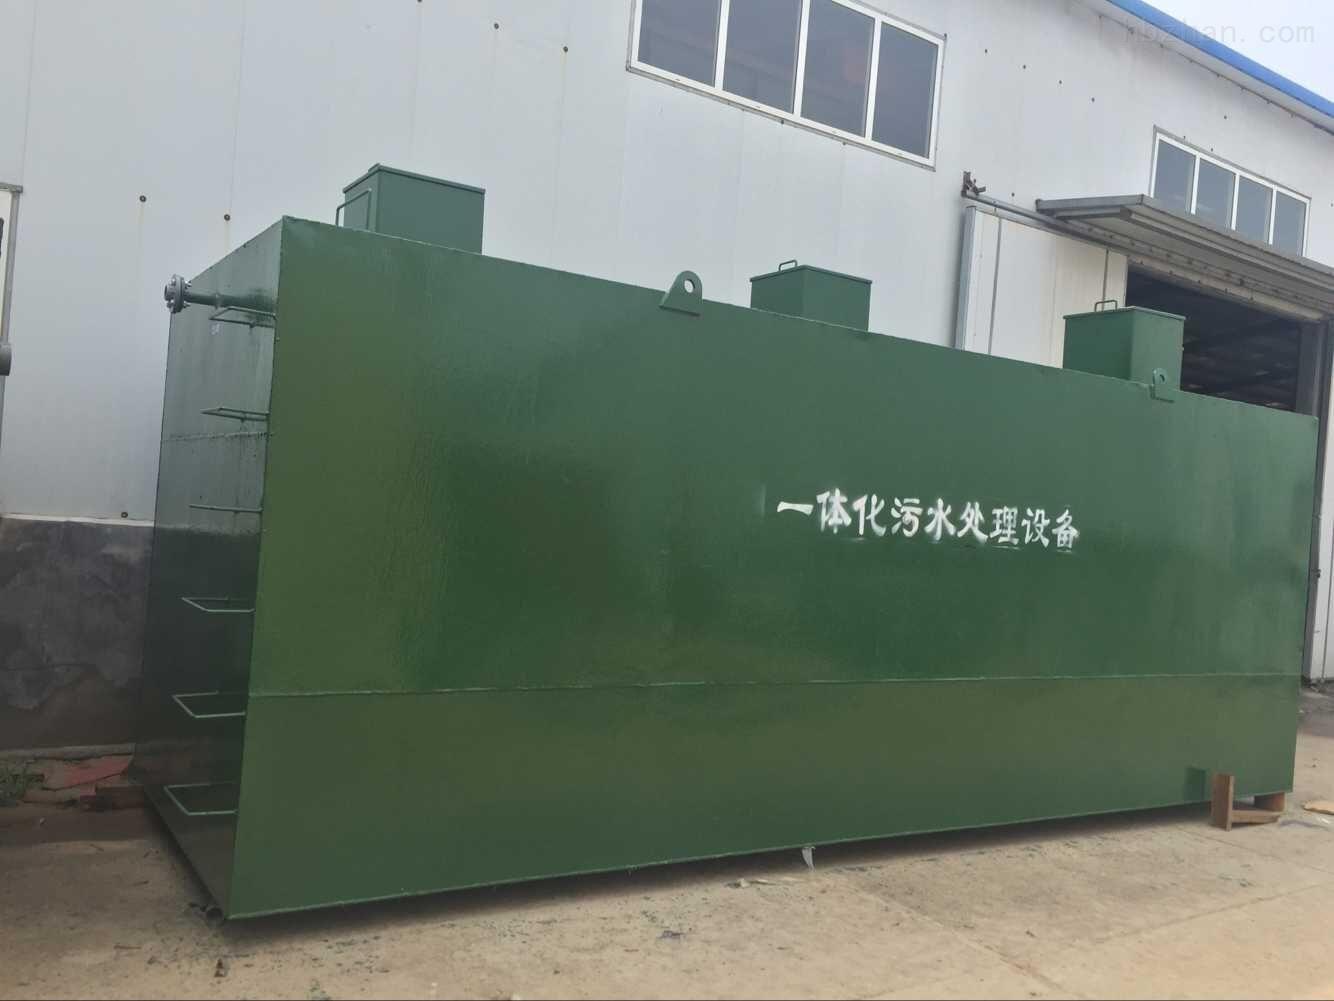 呼伦贝尔食品厂污水处理设备达标排放